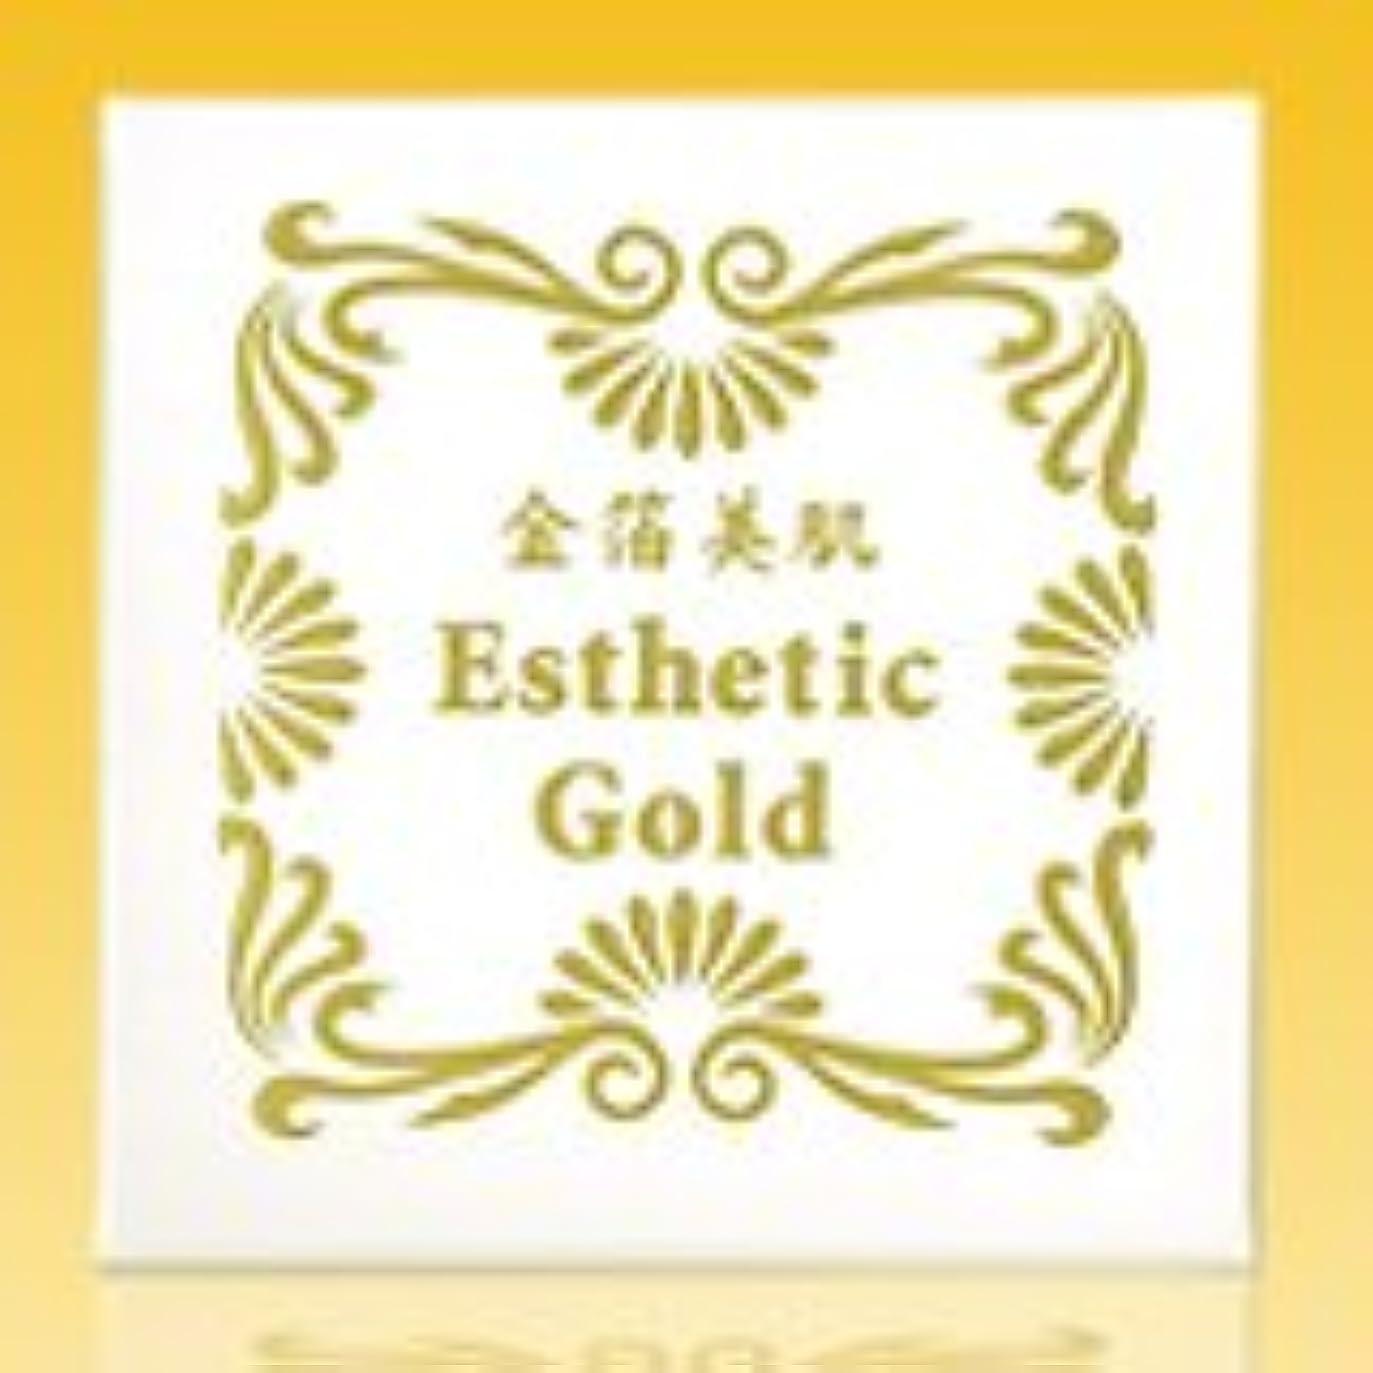 さわやか不器用描写【金箔 美肌】エステティック ゴールド-華1/4size100枚【日本製】